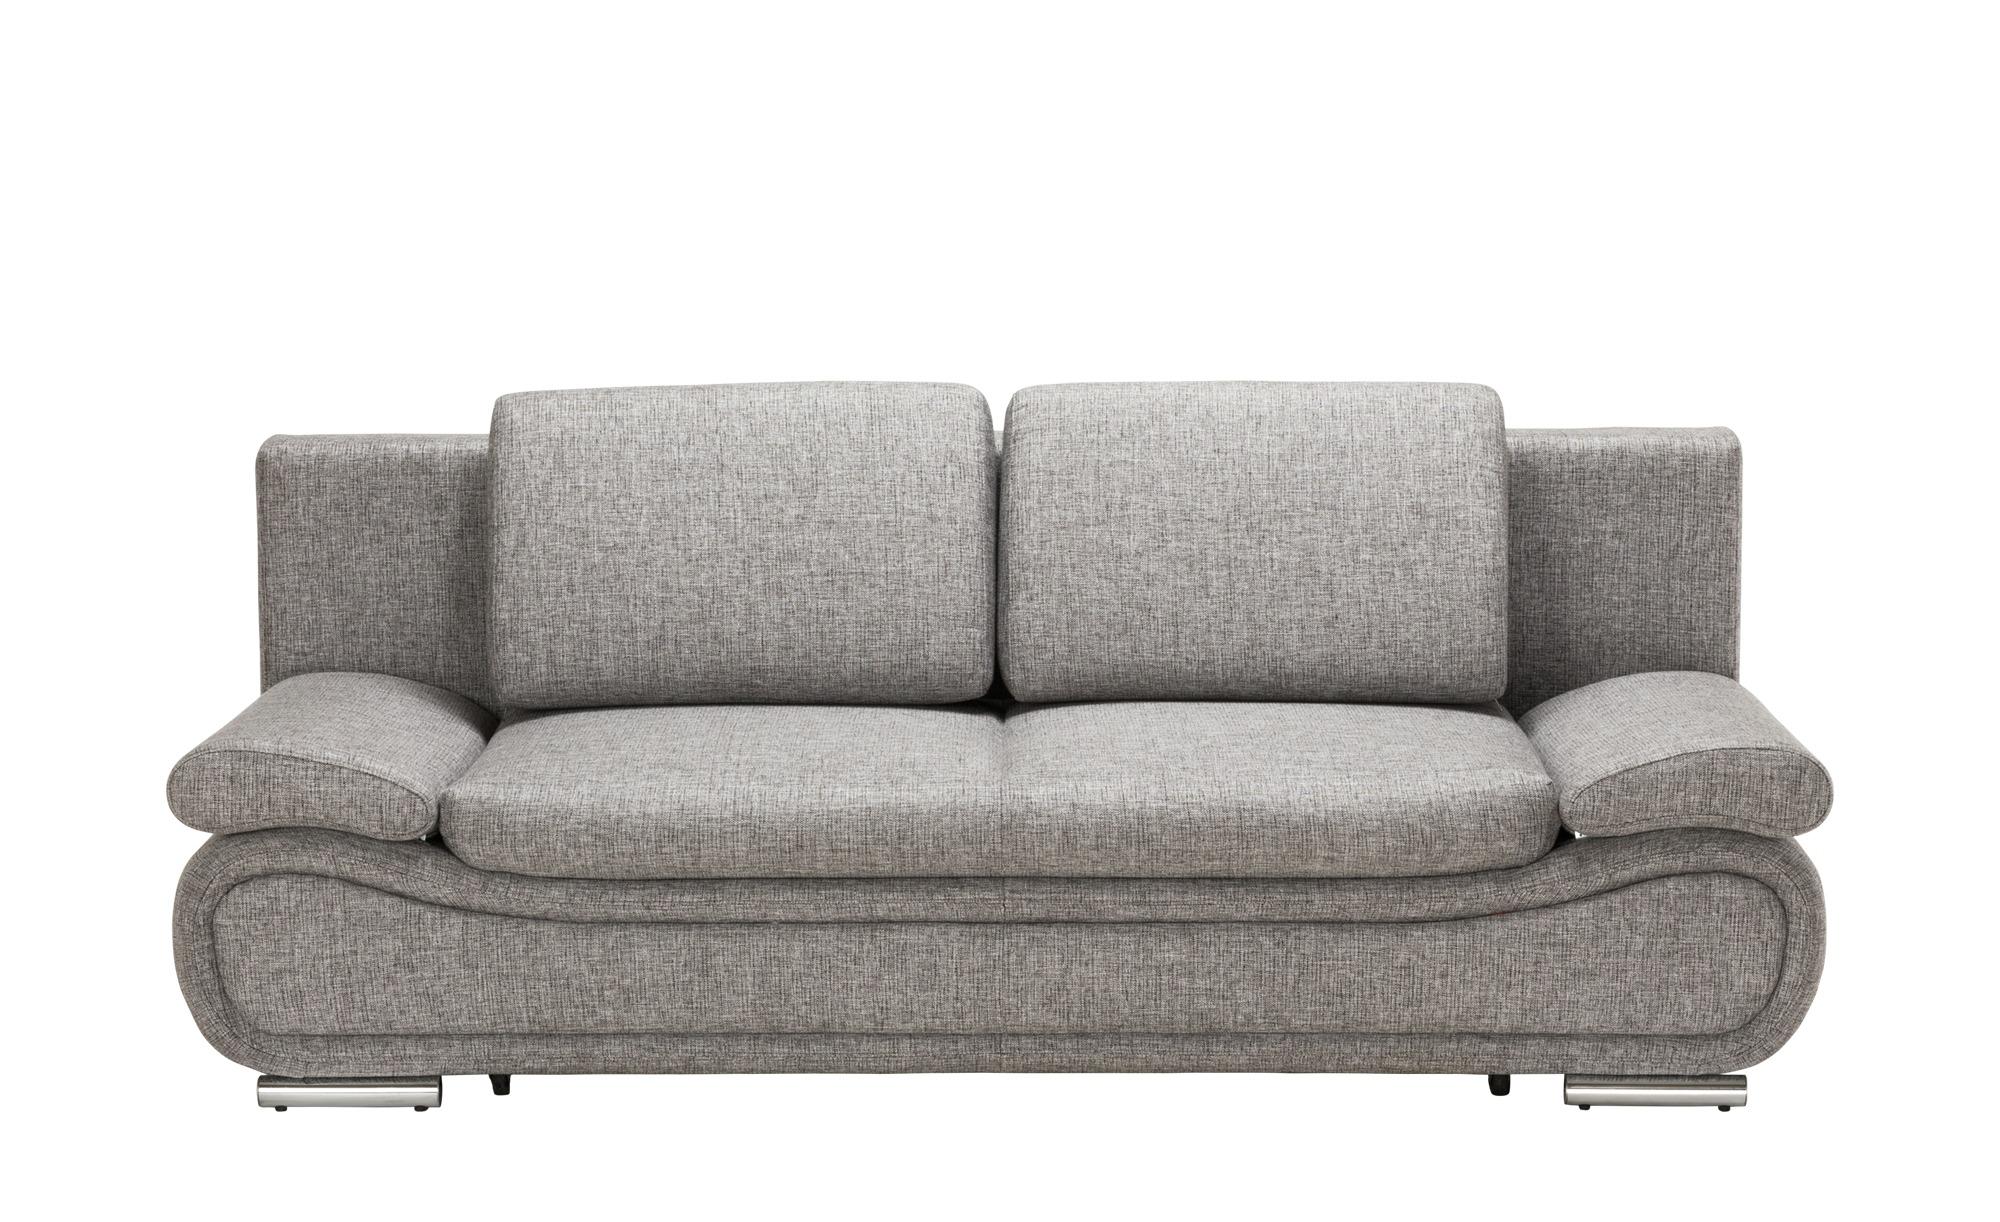 Design-Schlafcouch grau-schwarz - Mikrofaser Verena ¦ grau ¦ Maße (cm): B: 210 H: 84 T: 90 Polstermöbel > Sofas > 2-Sitzer - Höffner